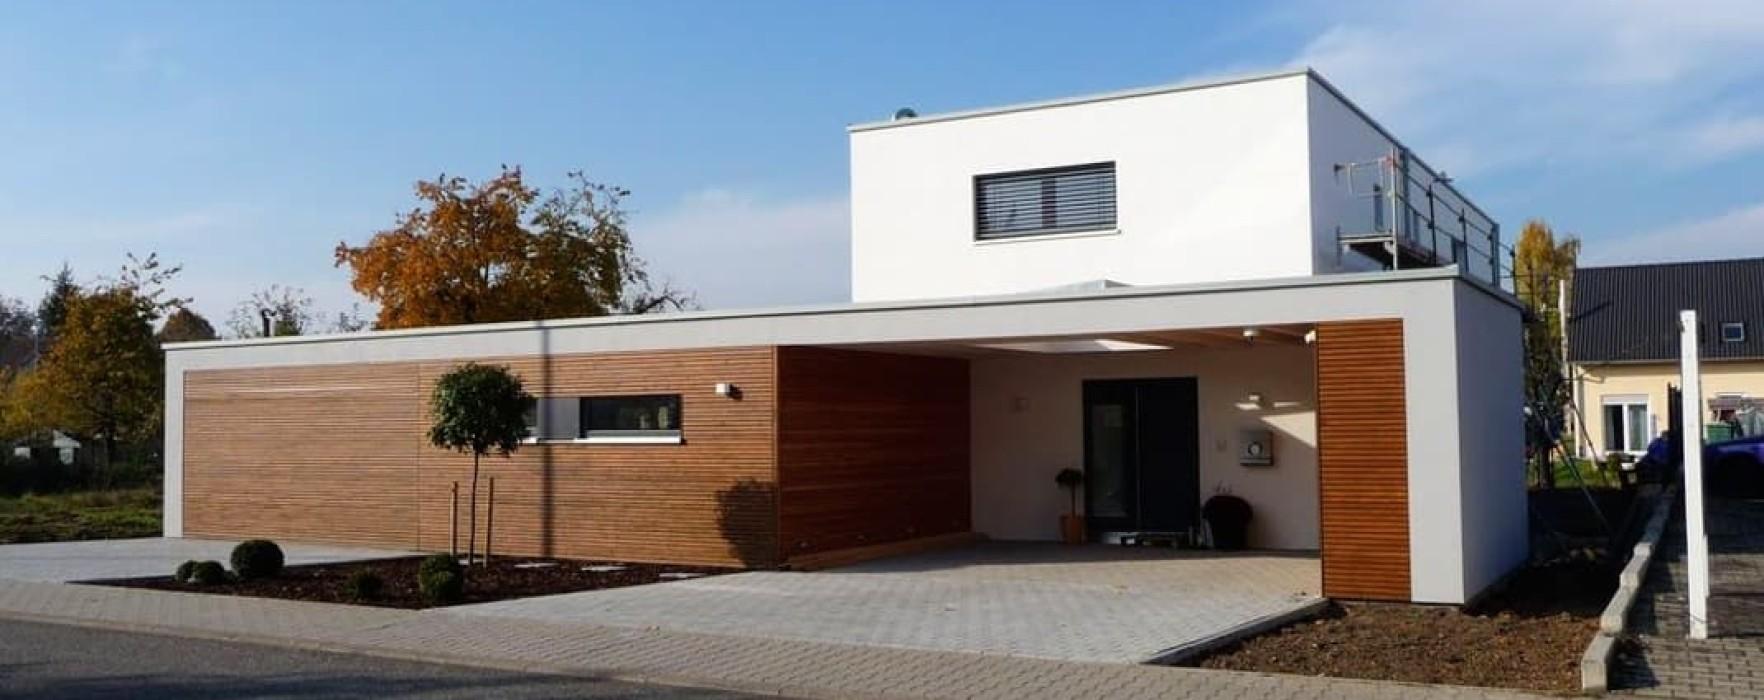 Calcolare i costi di una casa prefabbricata - Costi per acquisto casa ...